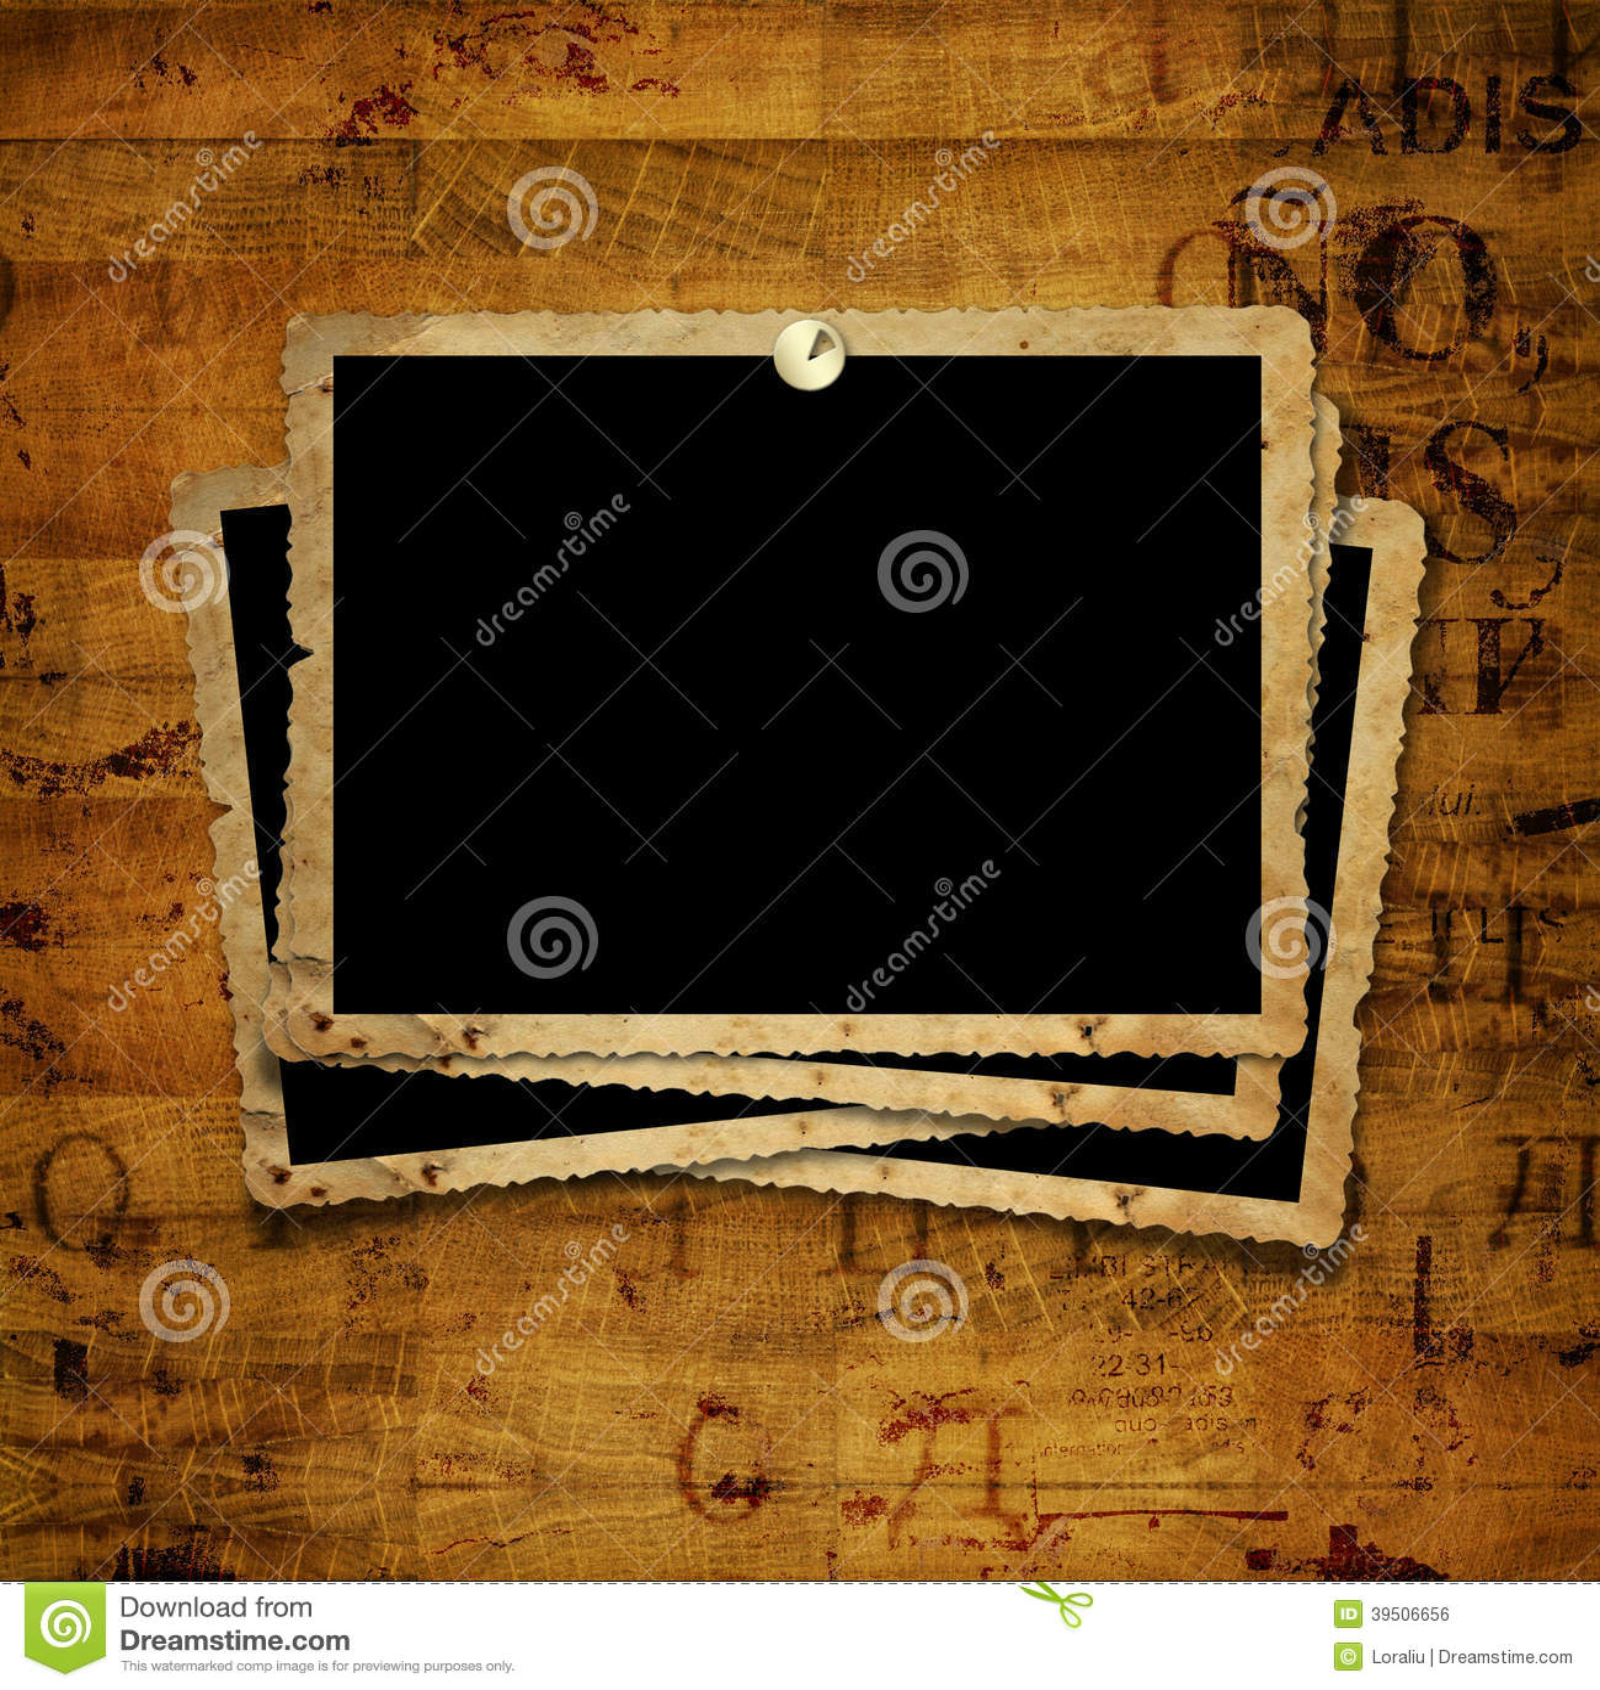 Old grunge paper frames